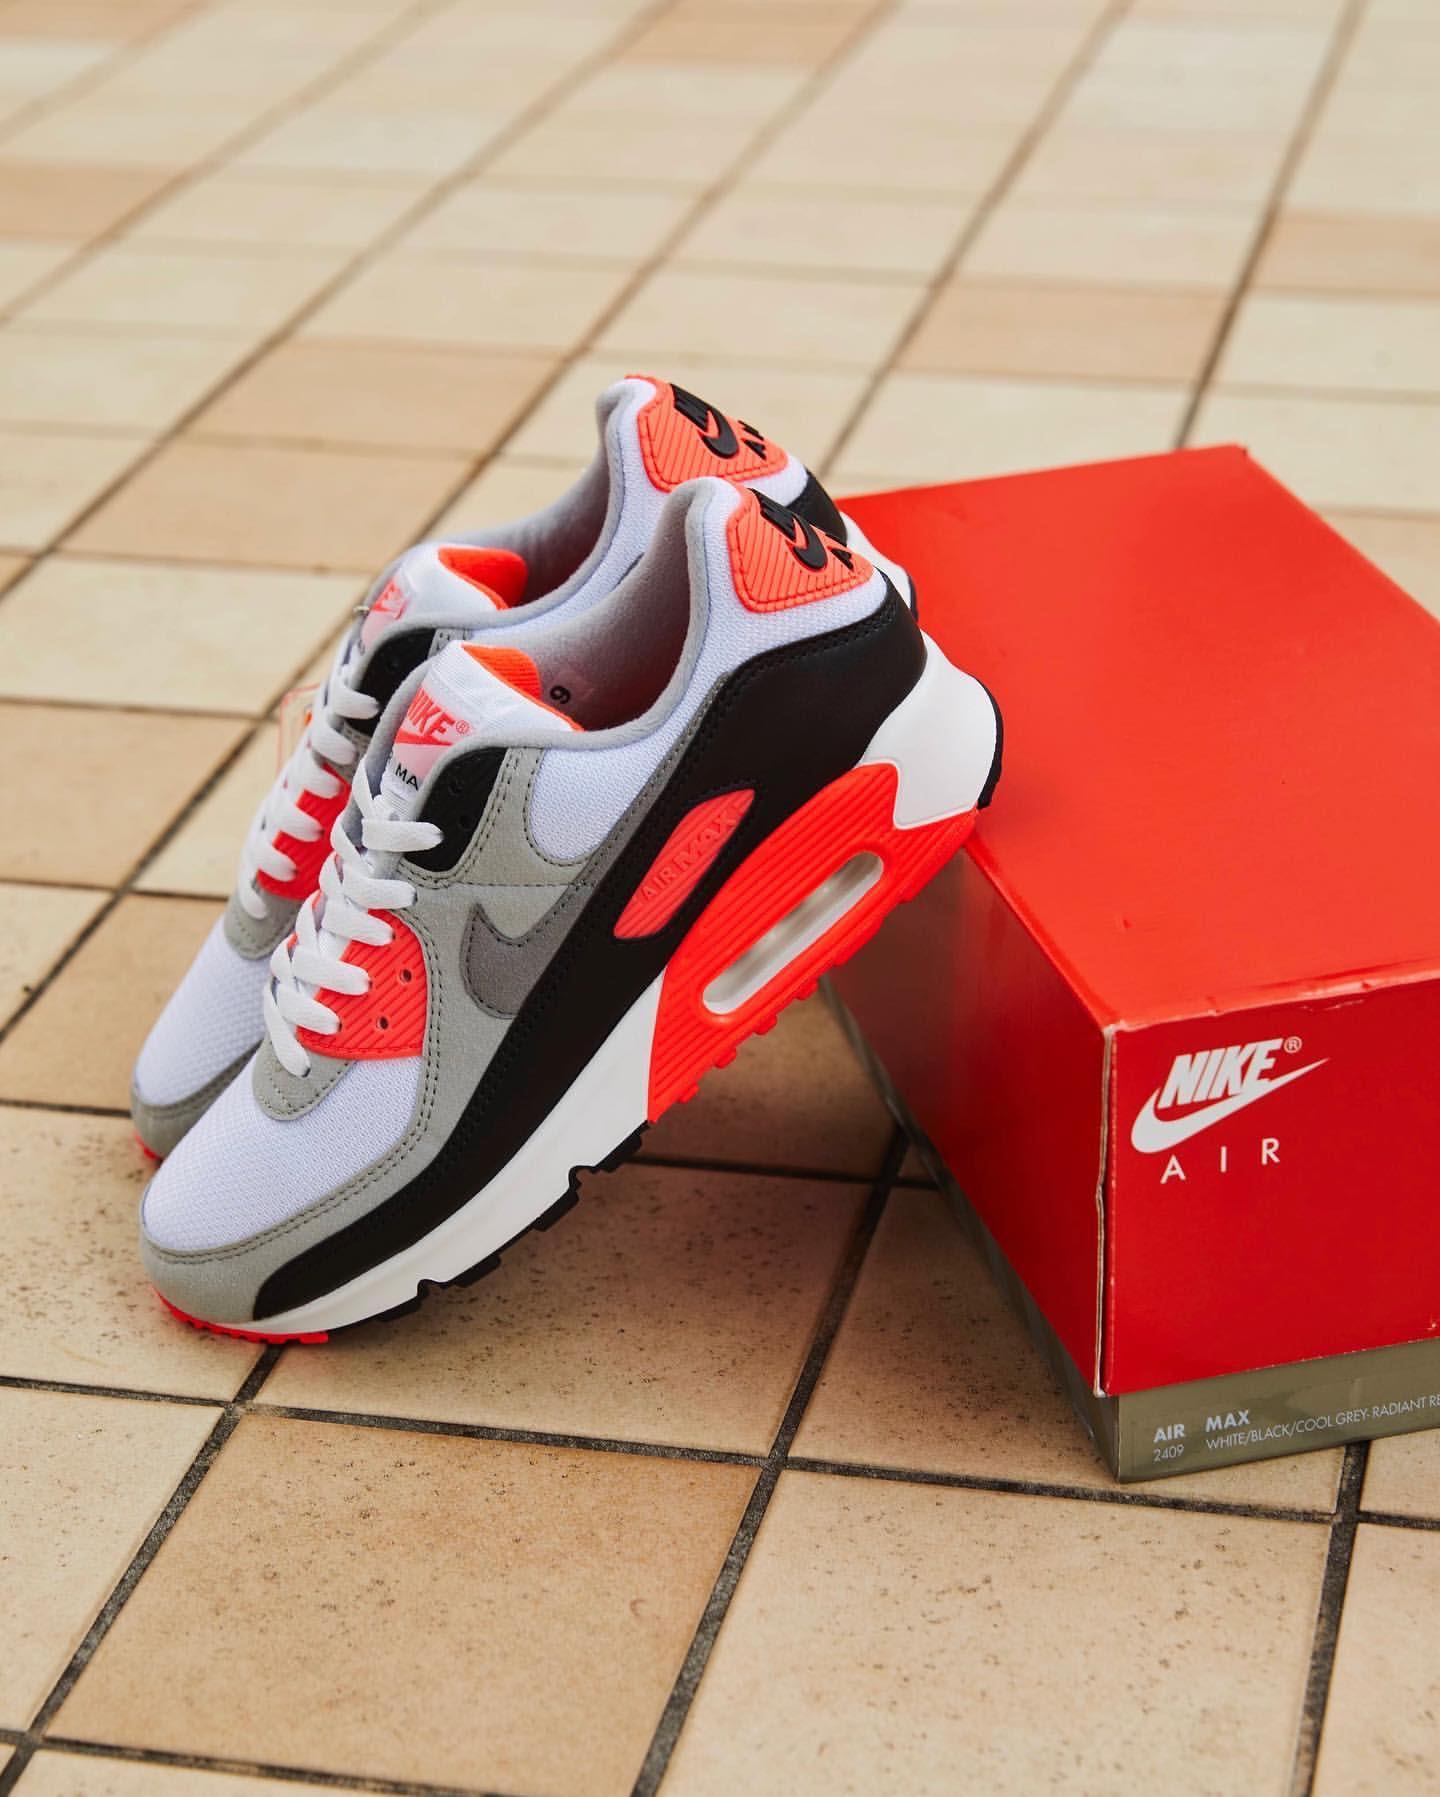 ナイキ エア マックス 90 インフラレッド Nike Air Max 90 Infrared CT1685-100 atmos side box